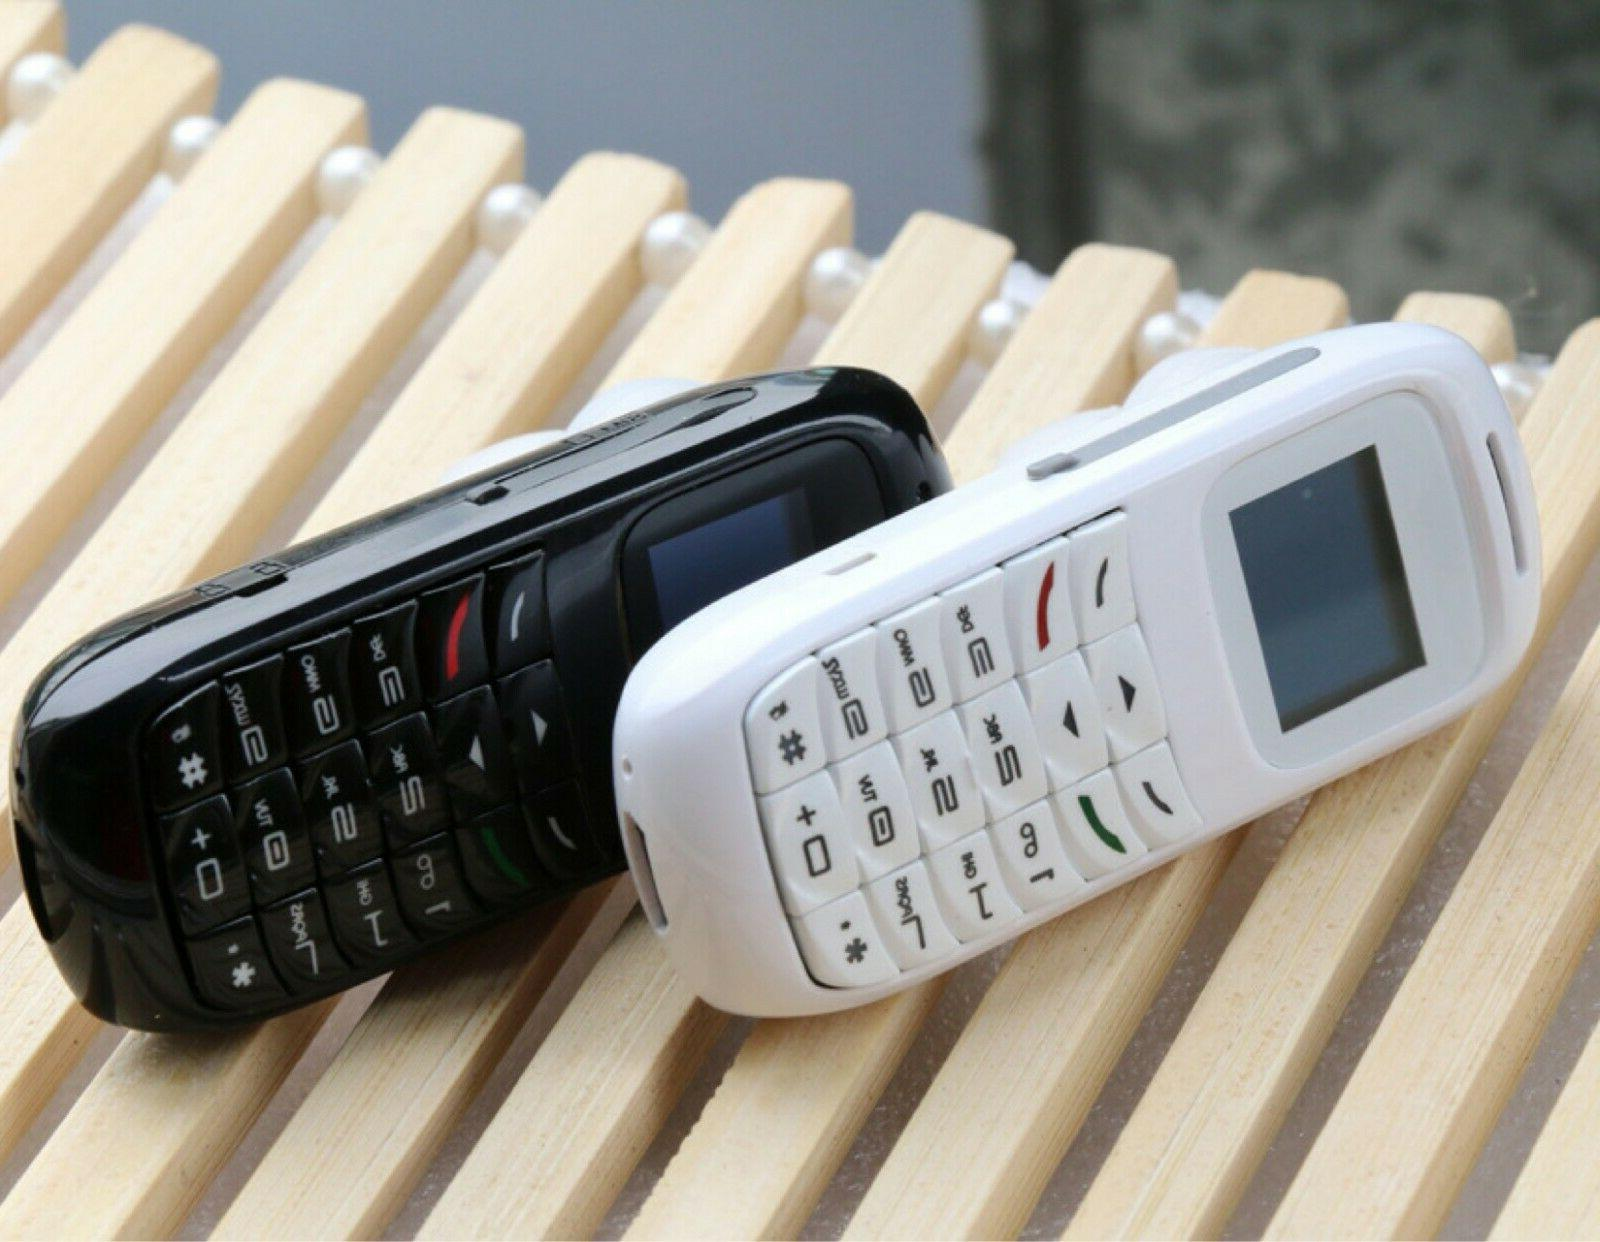 Mini Small Phone Dialer BM70 CellPhone Earphone Headset